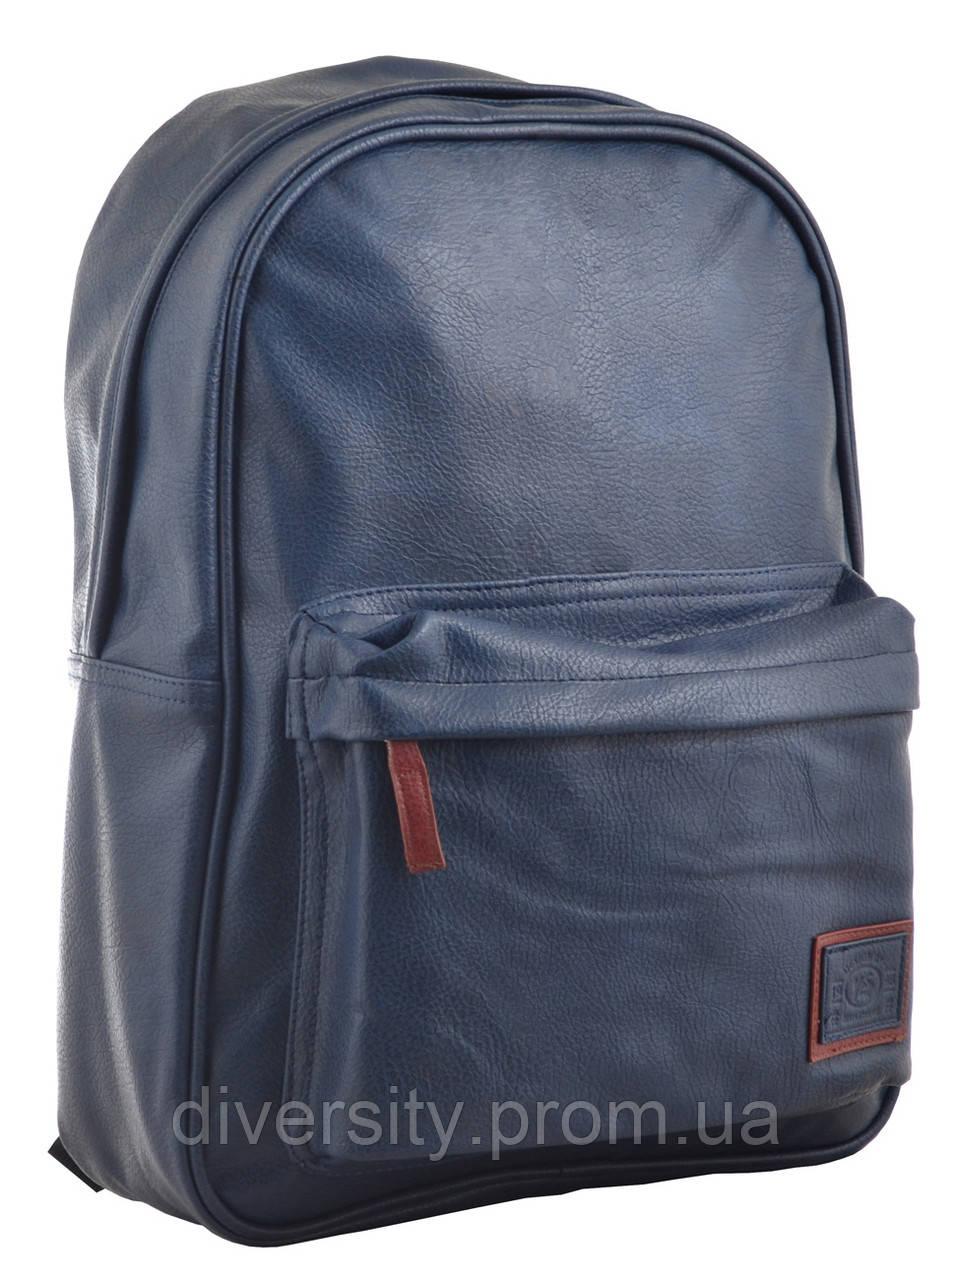 Молодежный рюкзак YES  ST-16 Infinity dark blue, 42*31*13